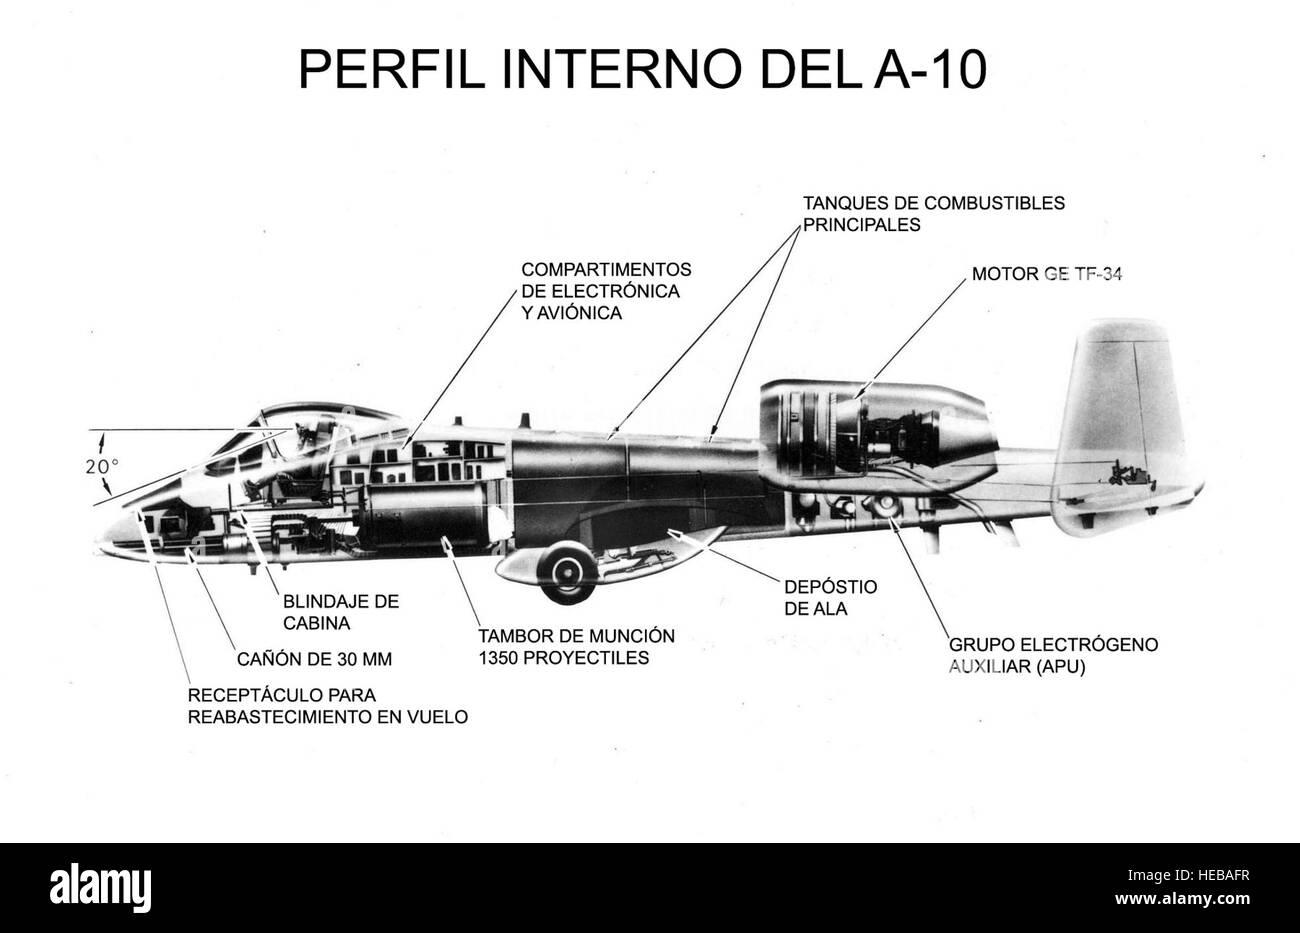 Fairchild Republic A-10 entrobordo disegno di profilo. Immagini Stock